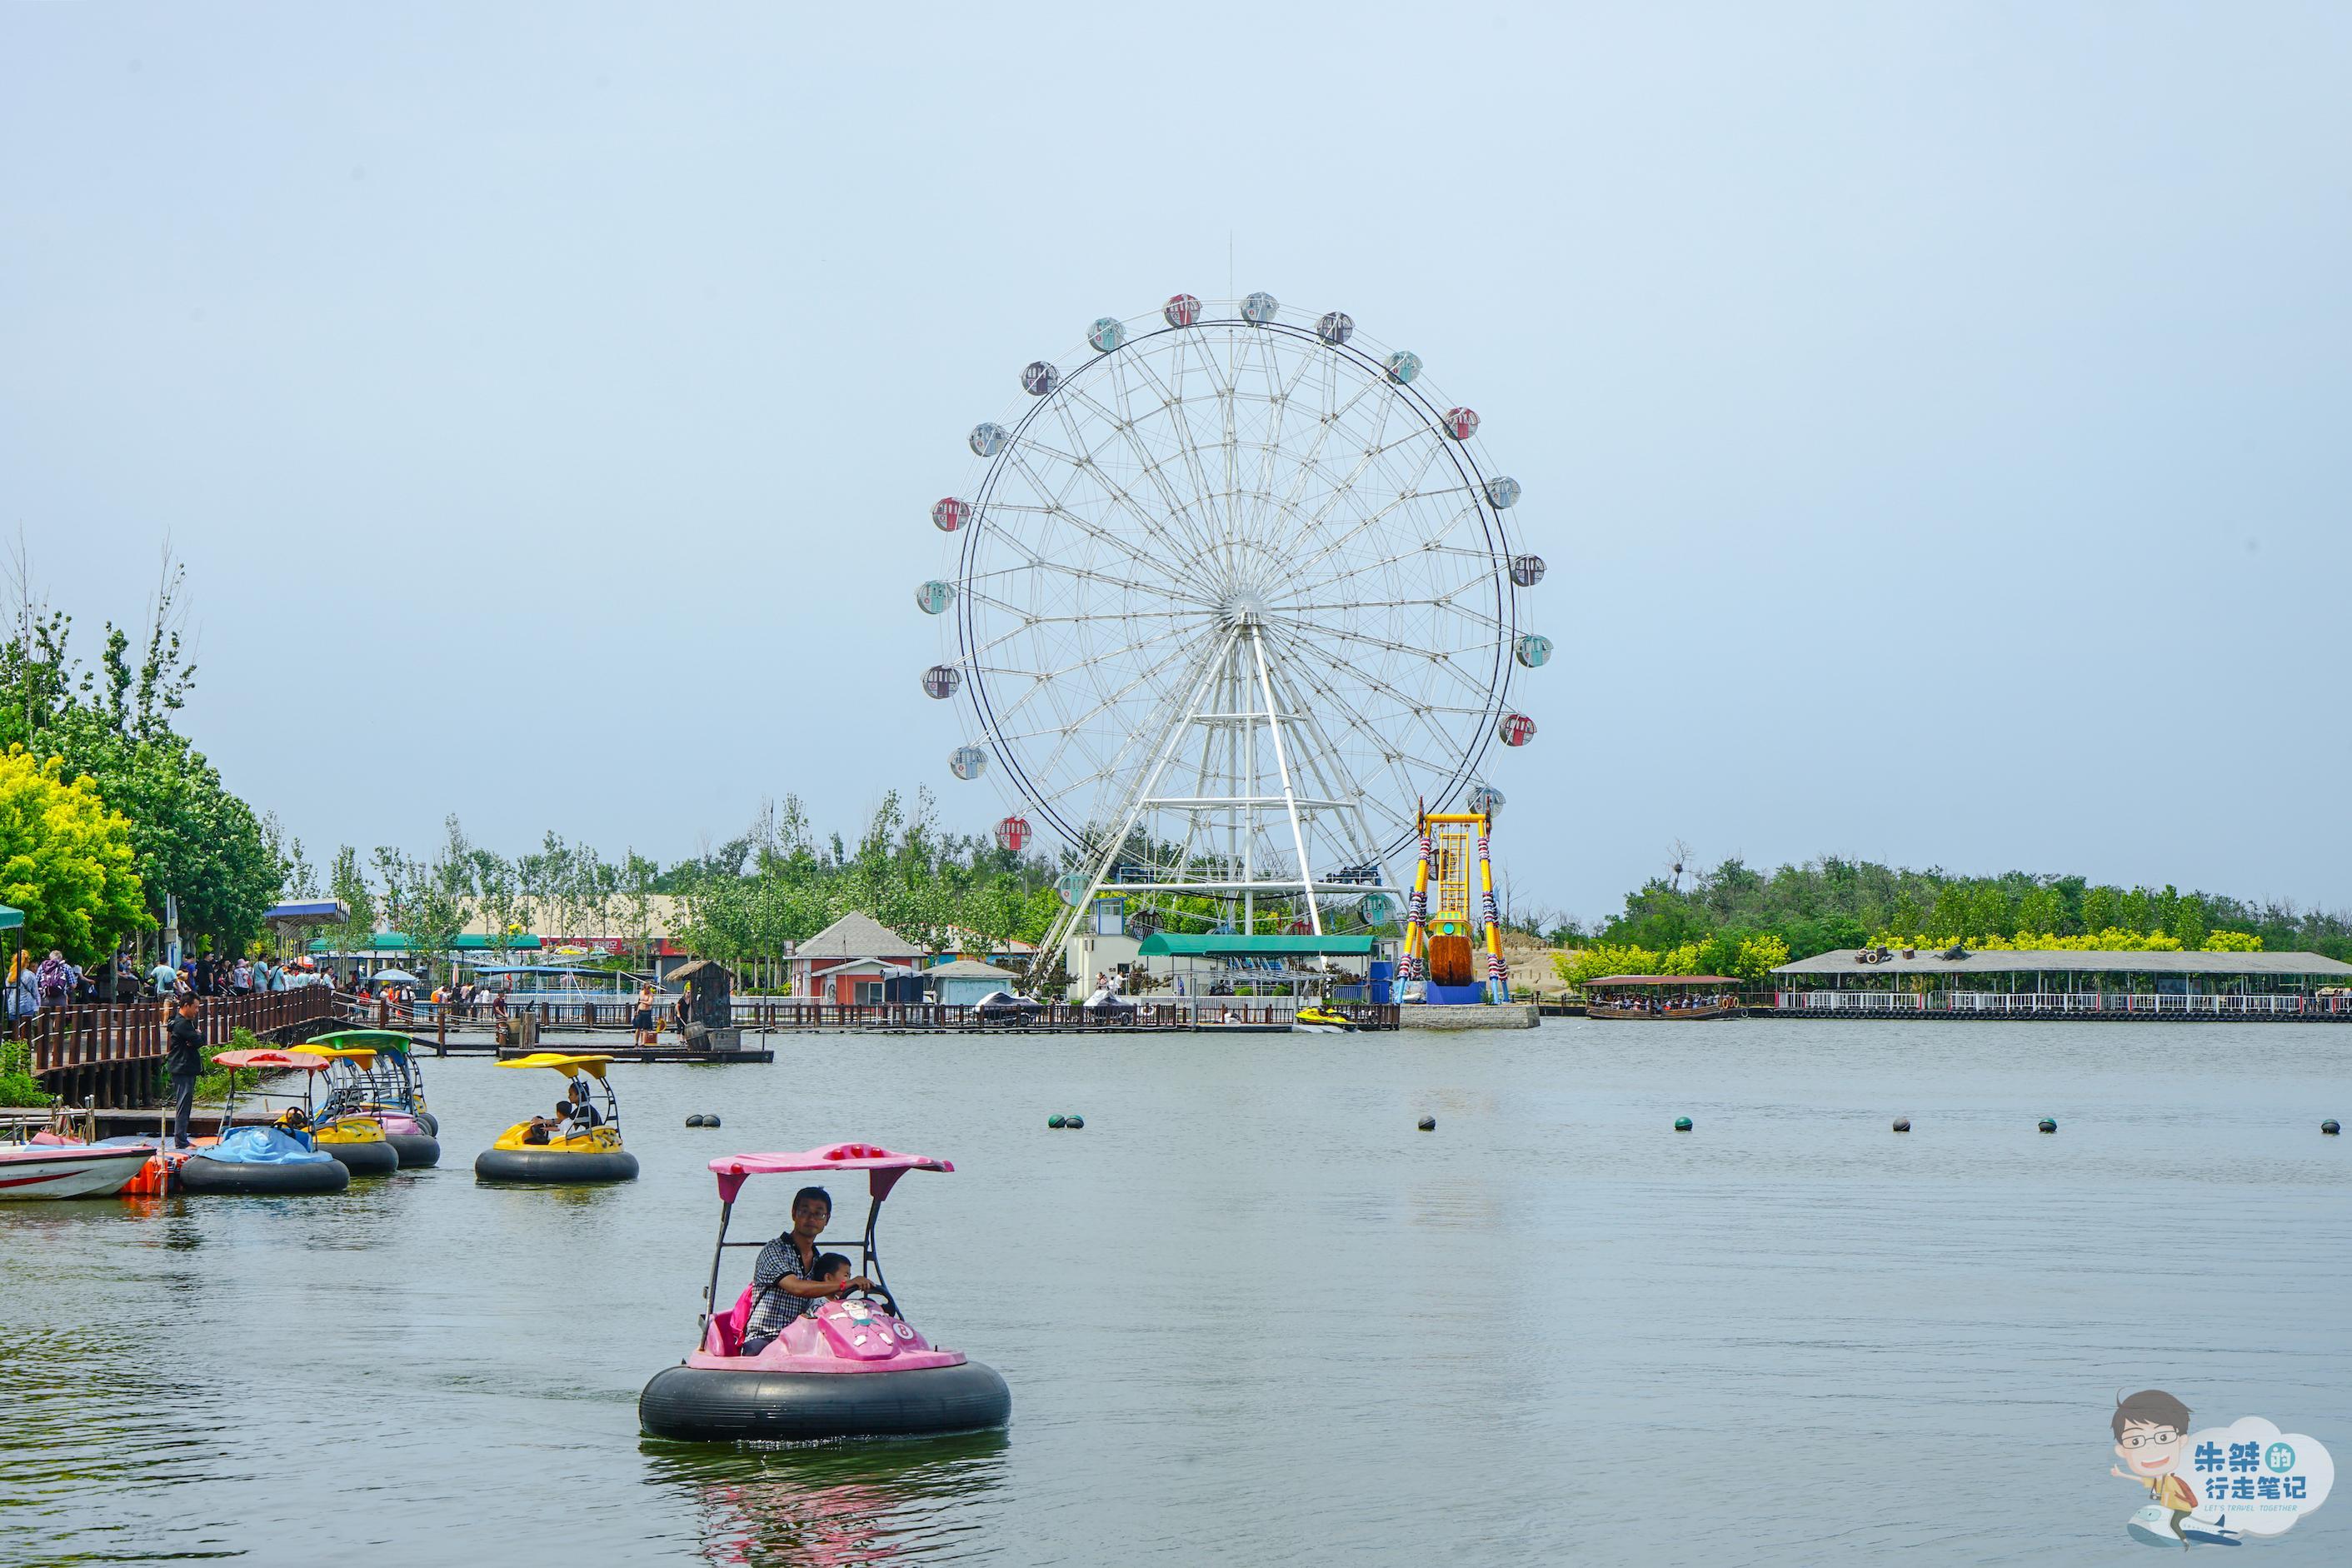 秦皇岛海上游乐园图片